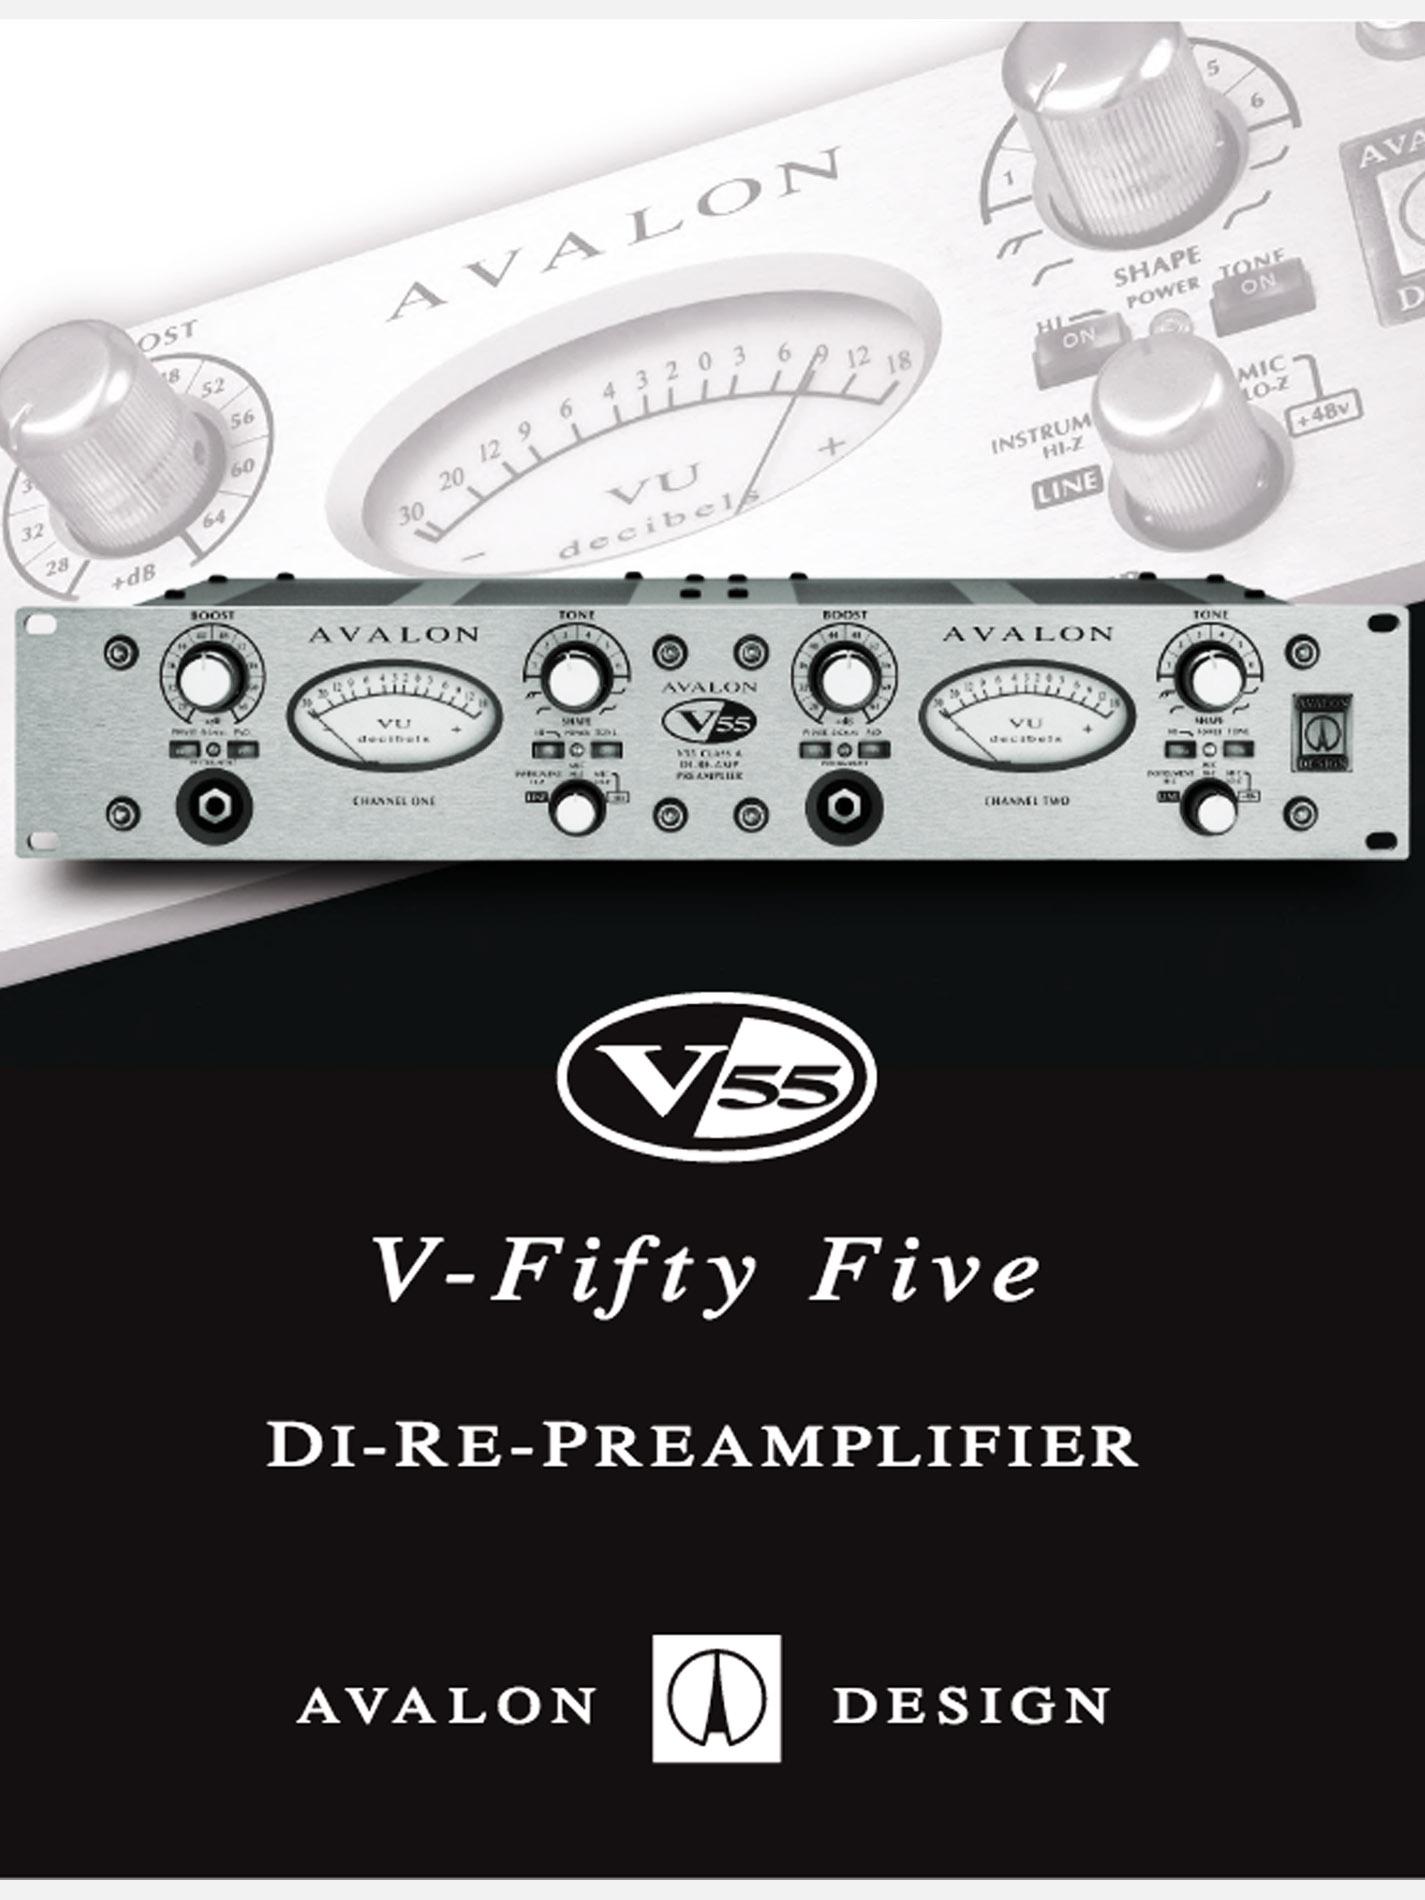 AVALON – V55 Stereo Preamp